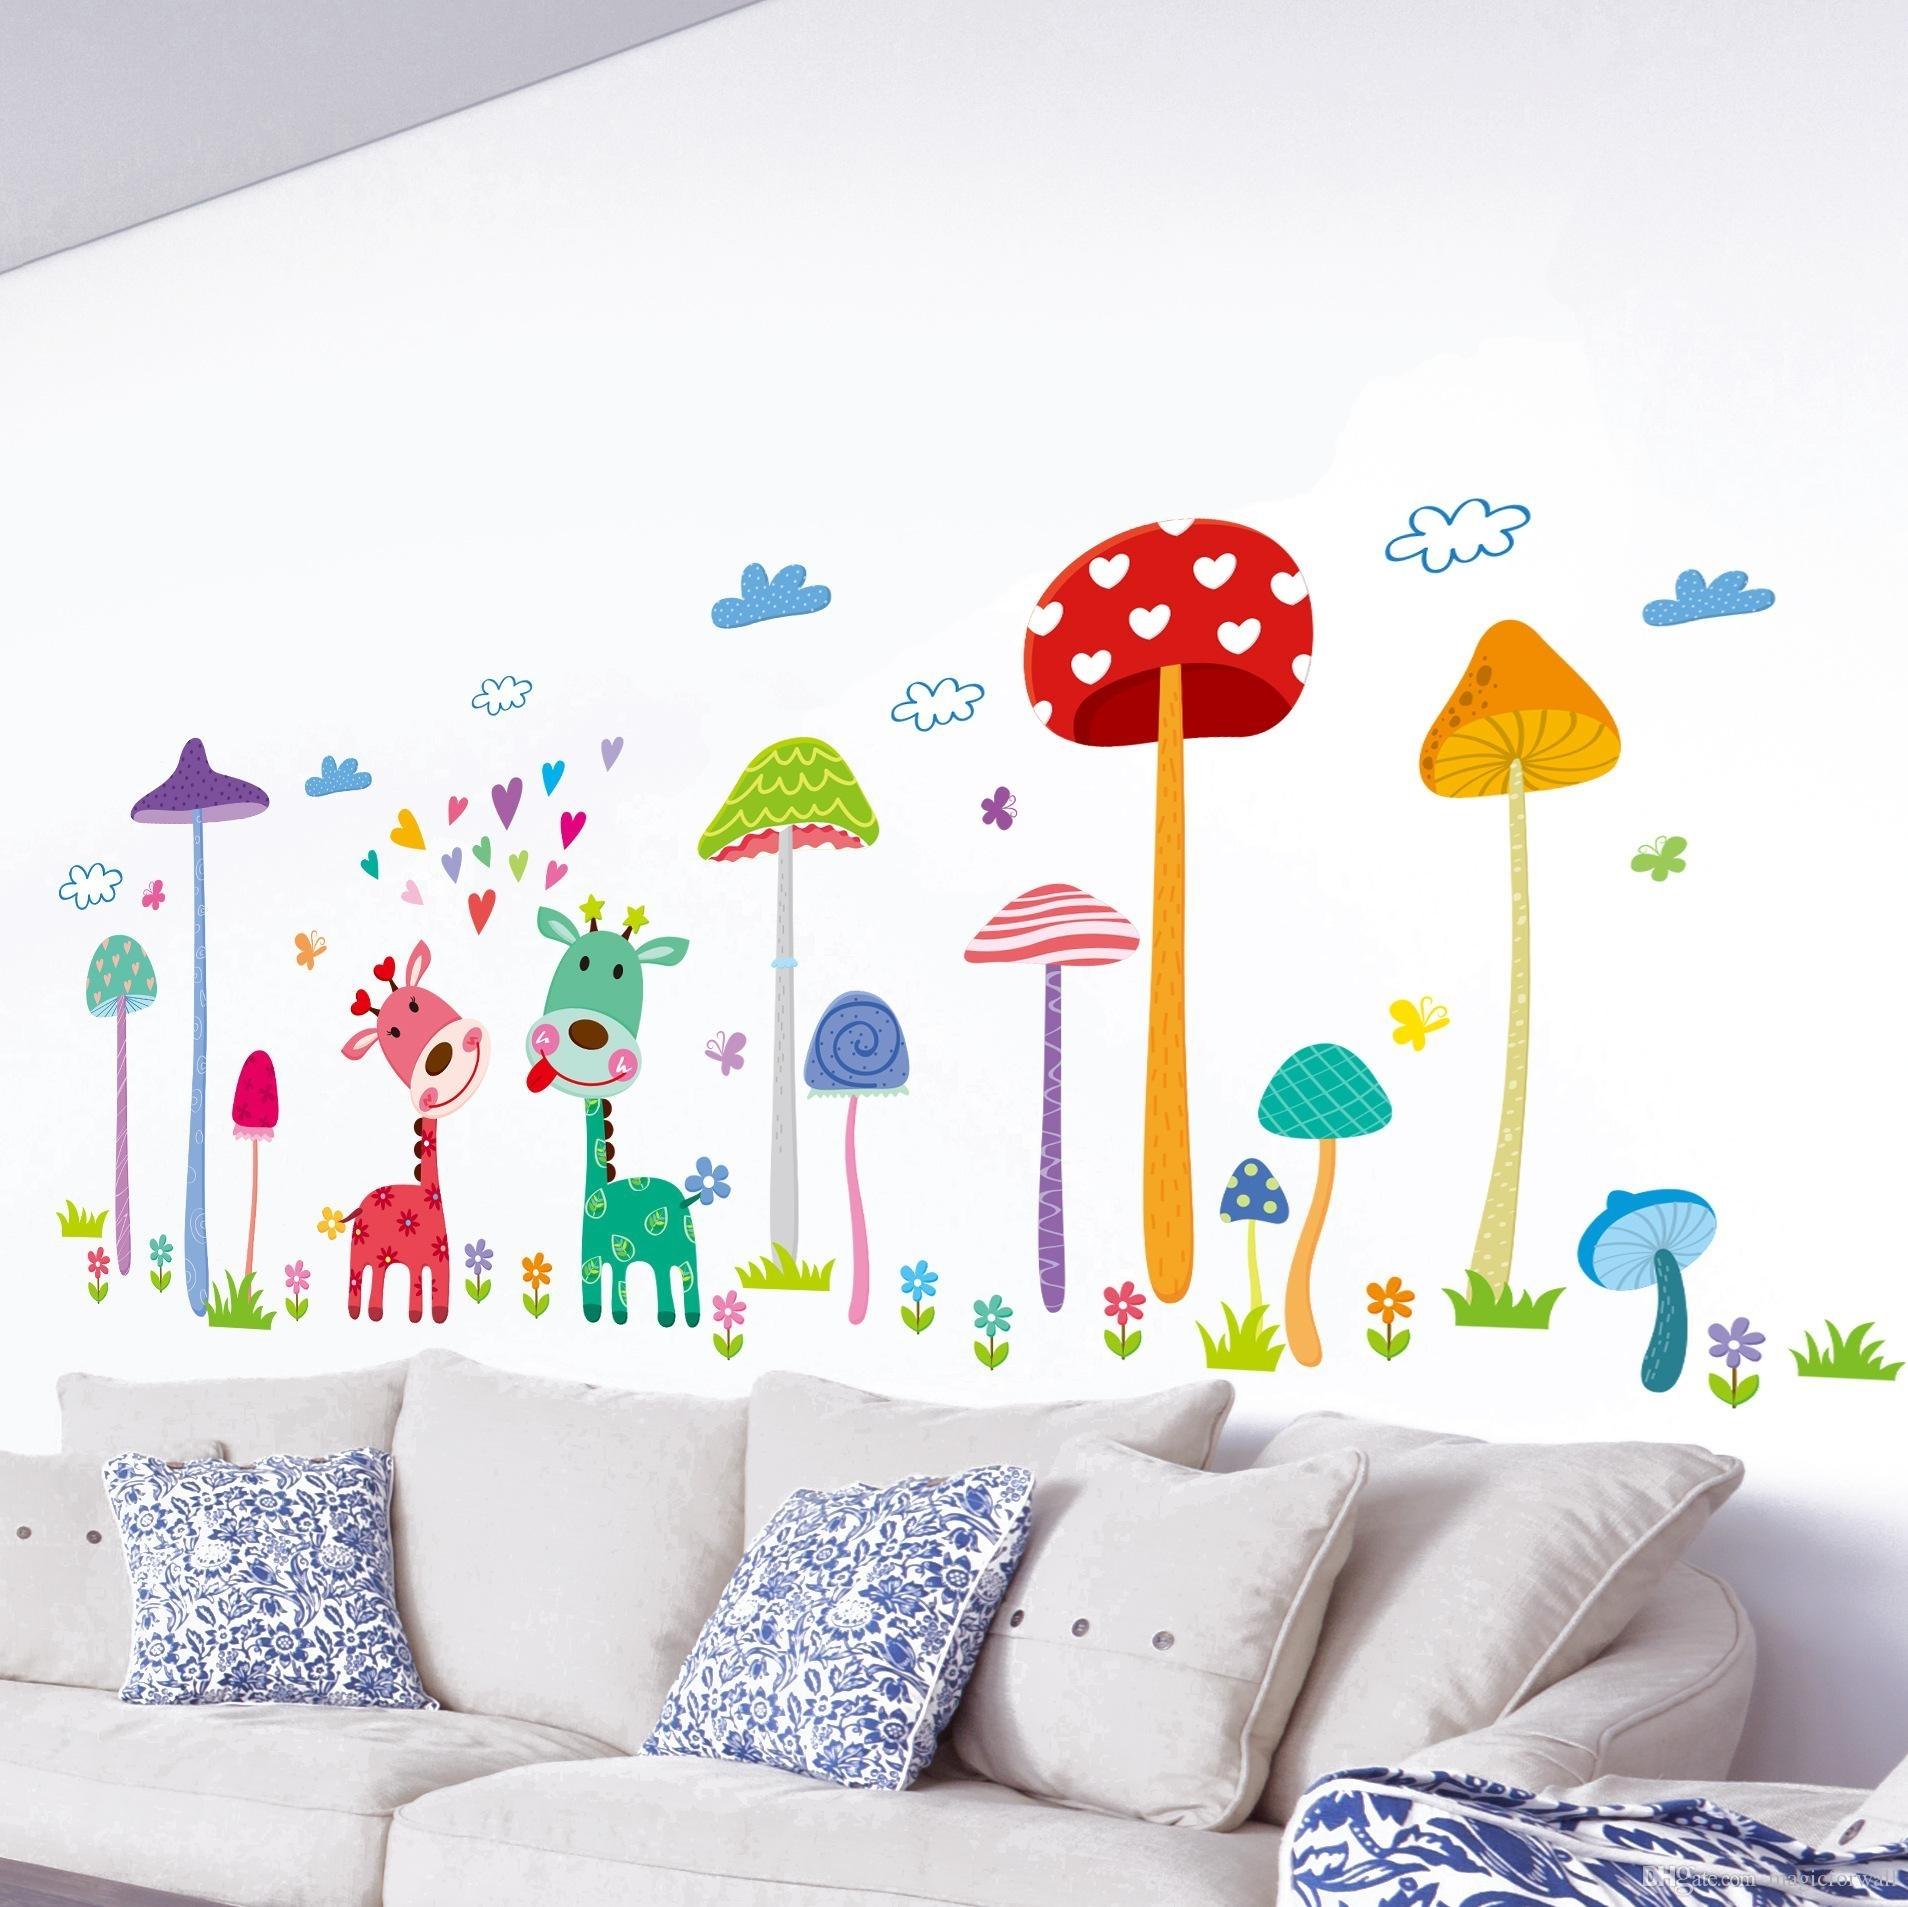 Forest Mushroom Deer Animals Home Wall Art Mural Decor Kids Babies Throughout Most Popular Kids Wall Art (Gallery 1 of 15)